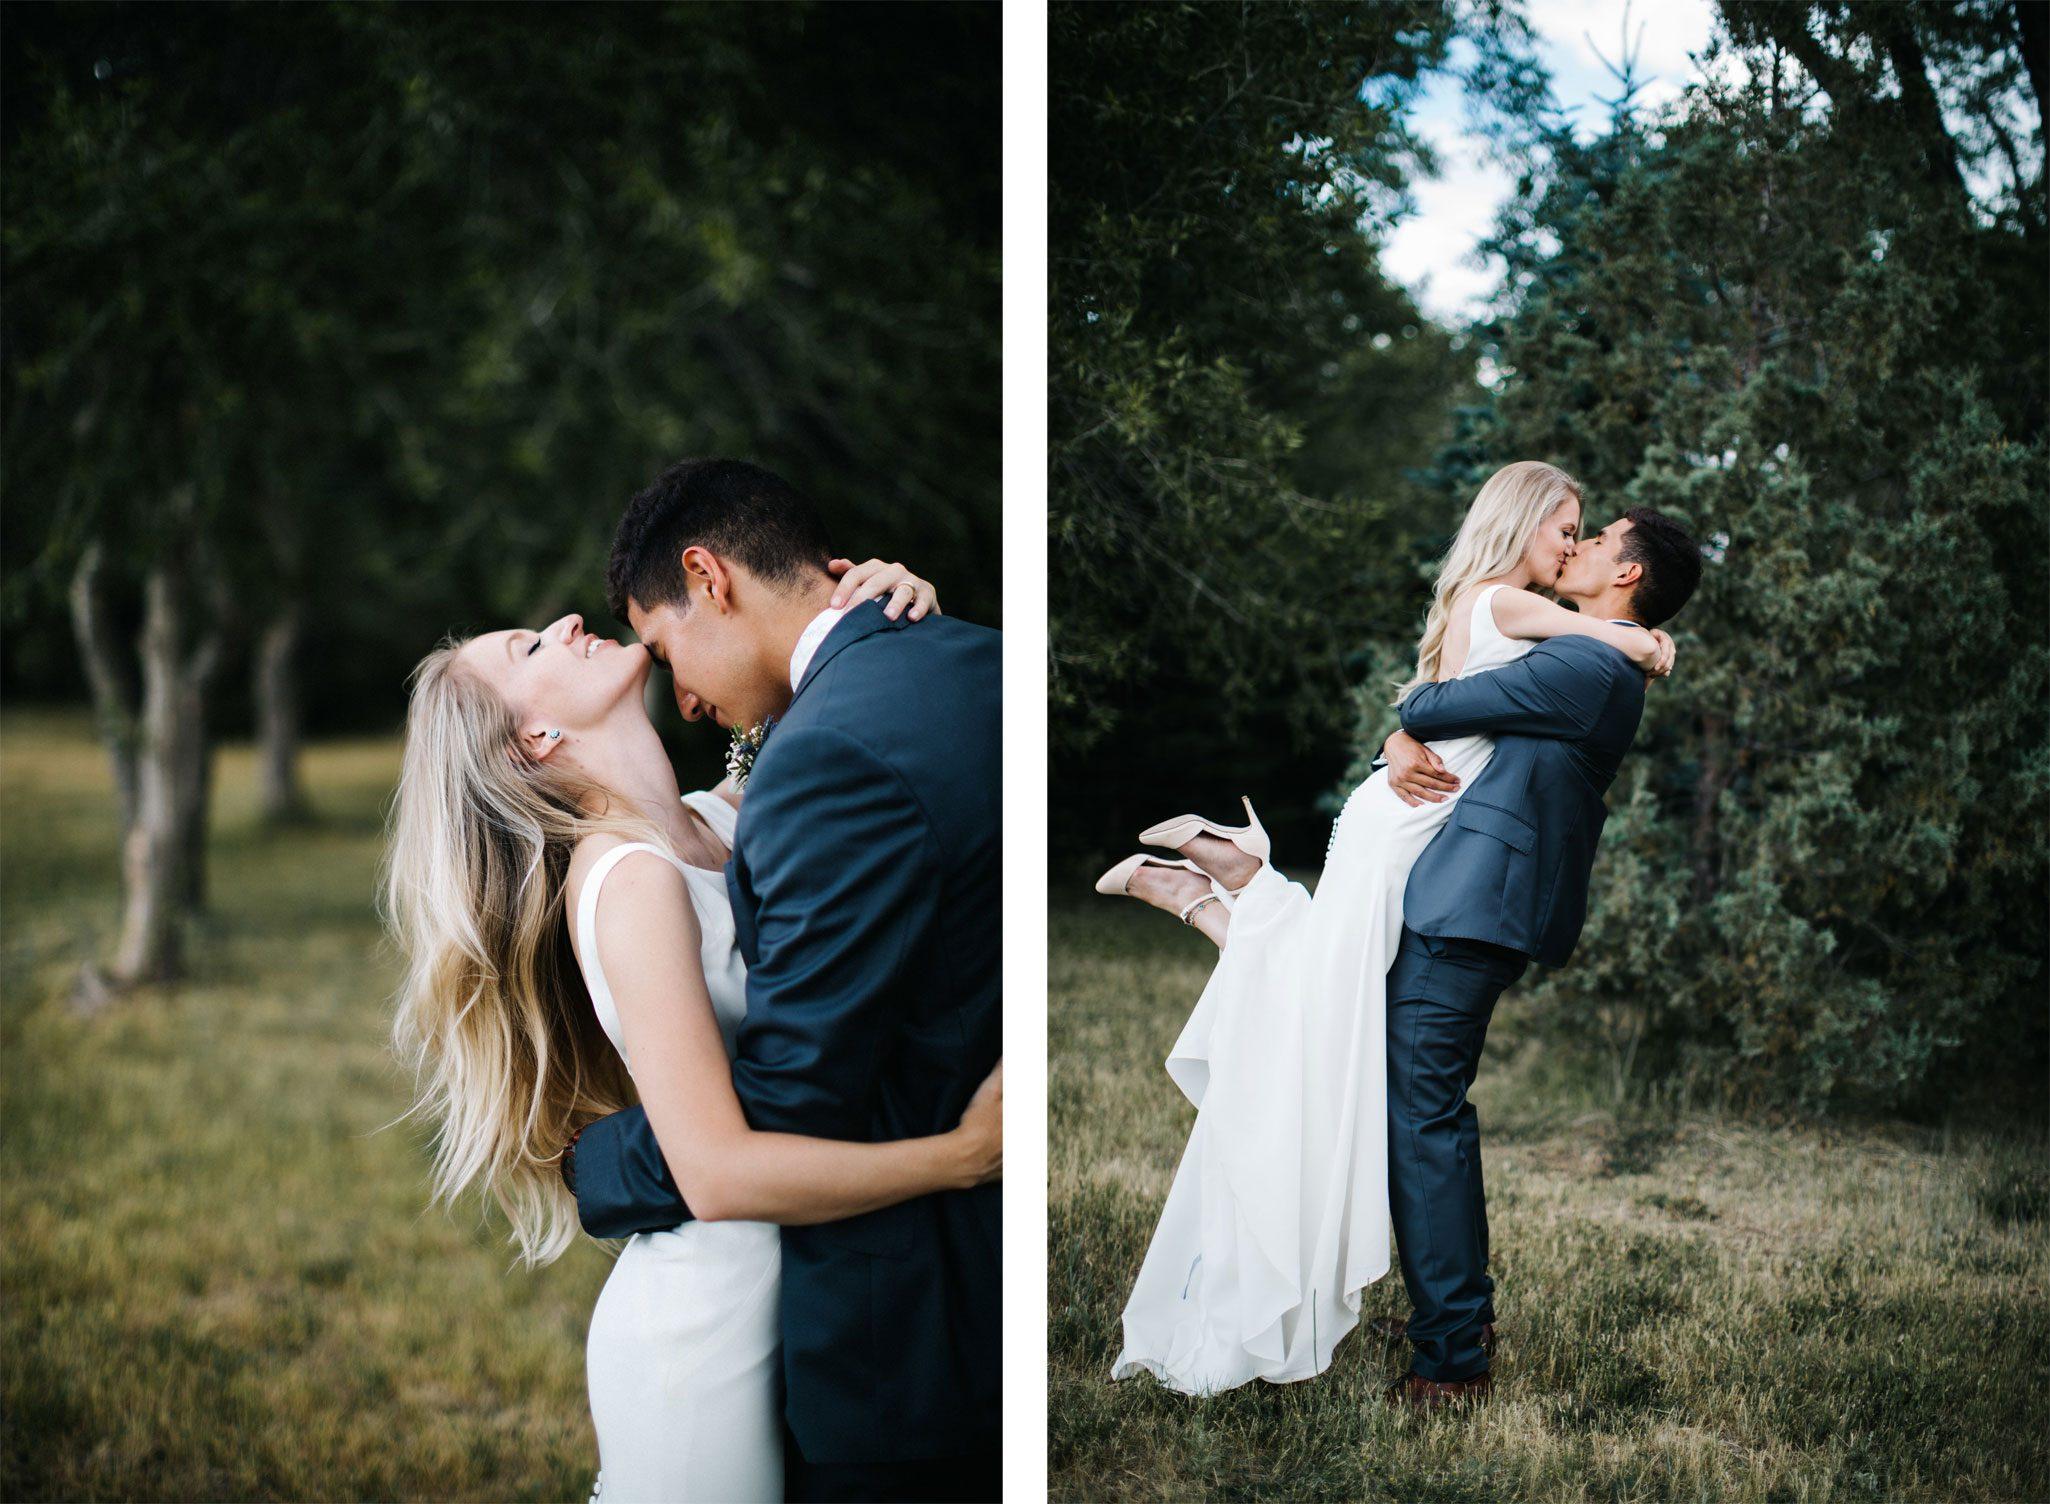 A Romantic Garden Wedding in Durango, Colorado